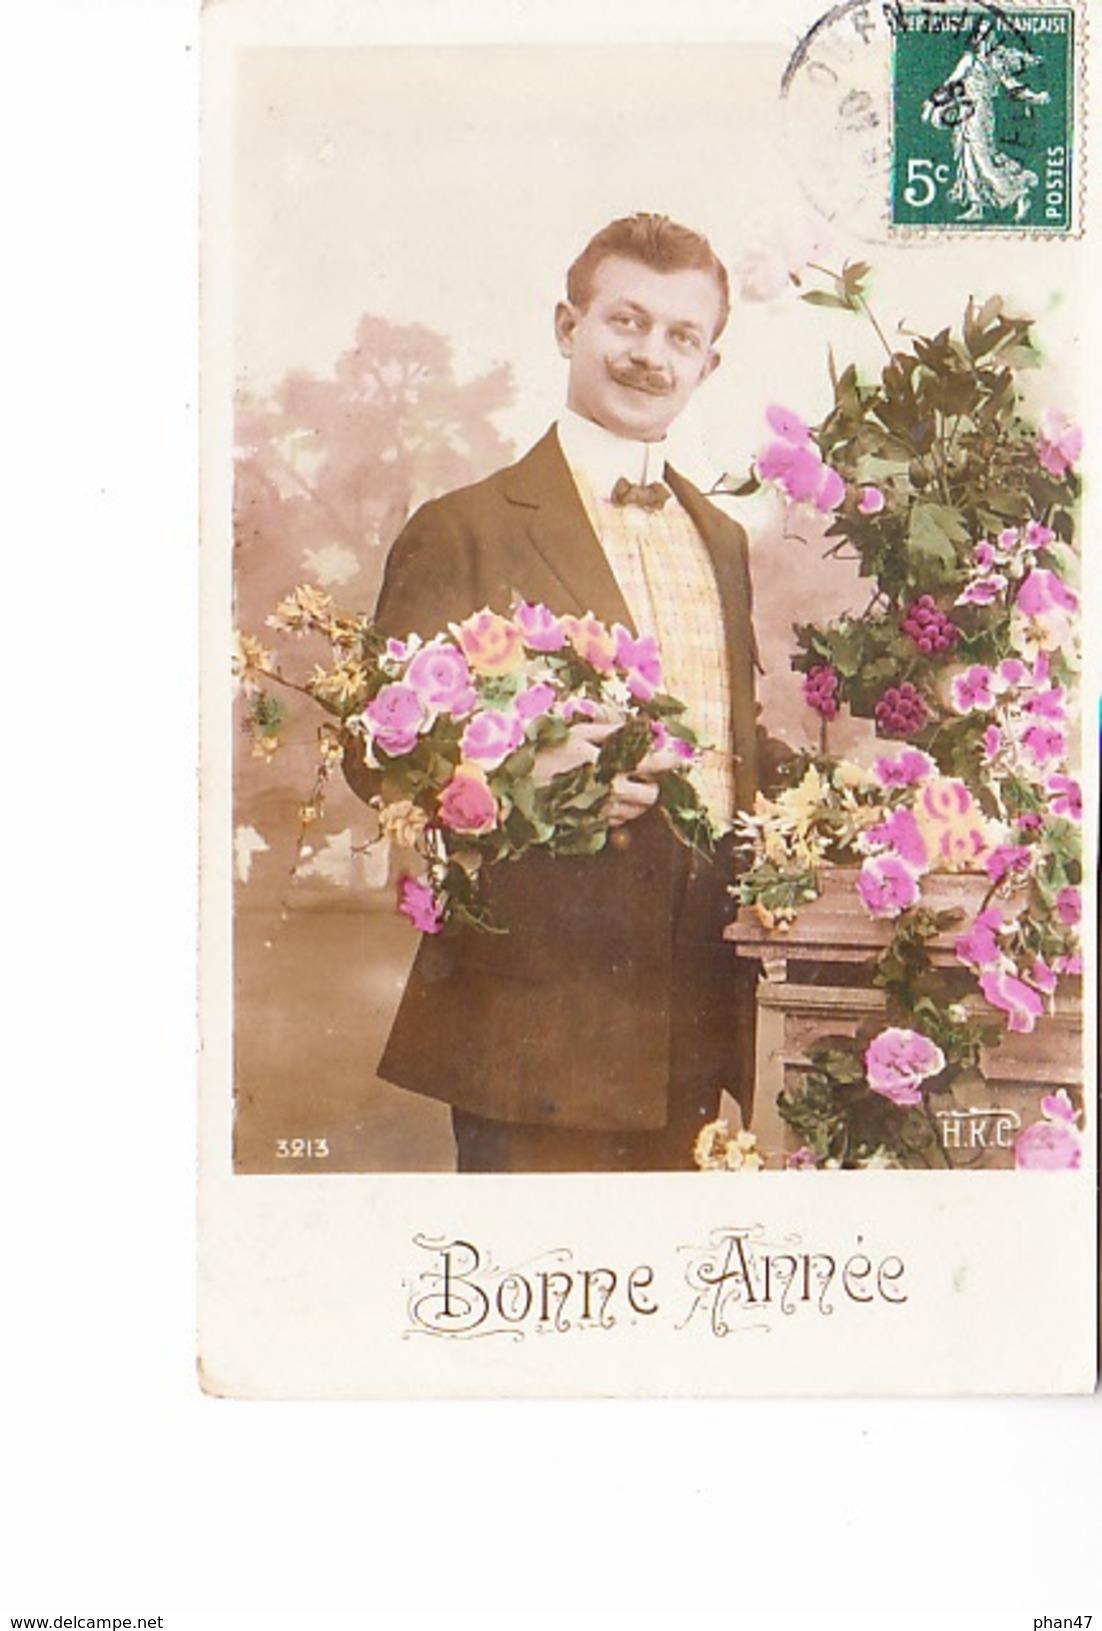 BONNE ANNEE, Jeune Homme Présentatnt Des Roses, Ed. H.K.C. 1907 - Nouvel An